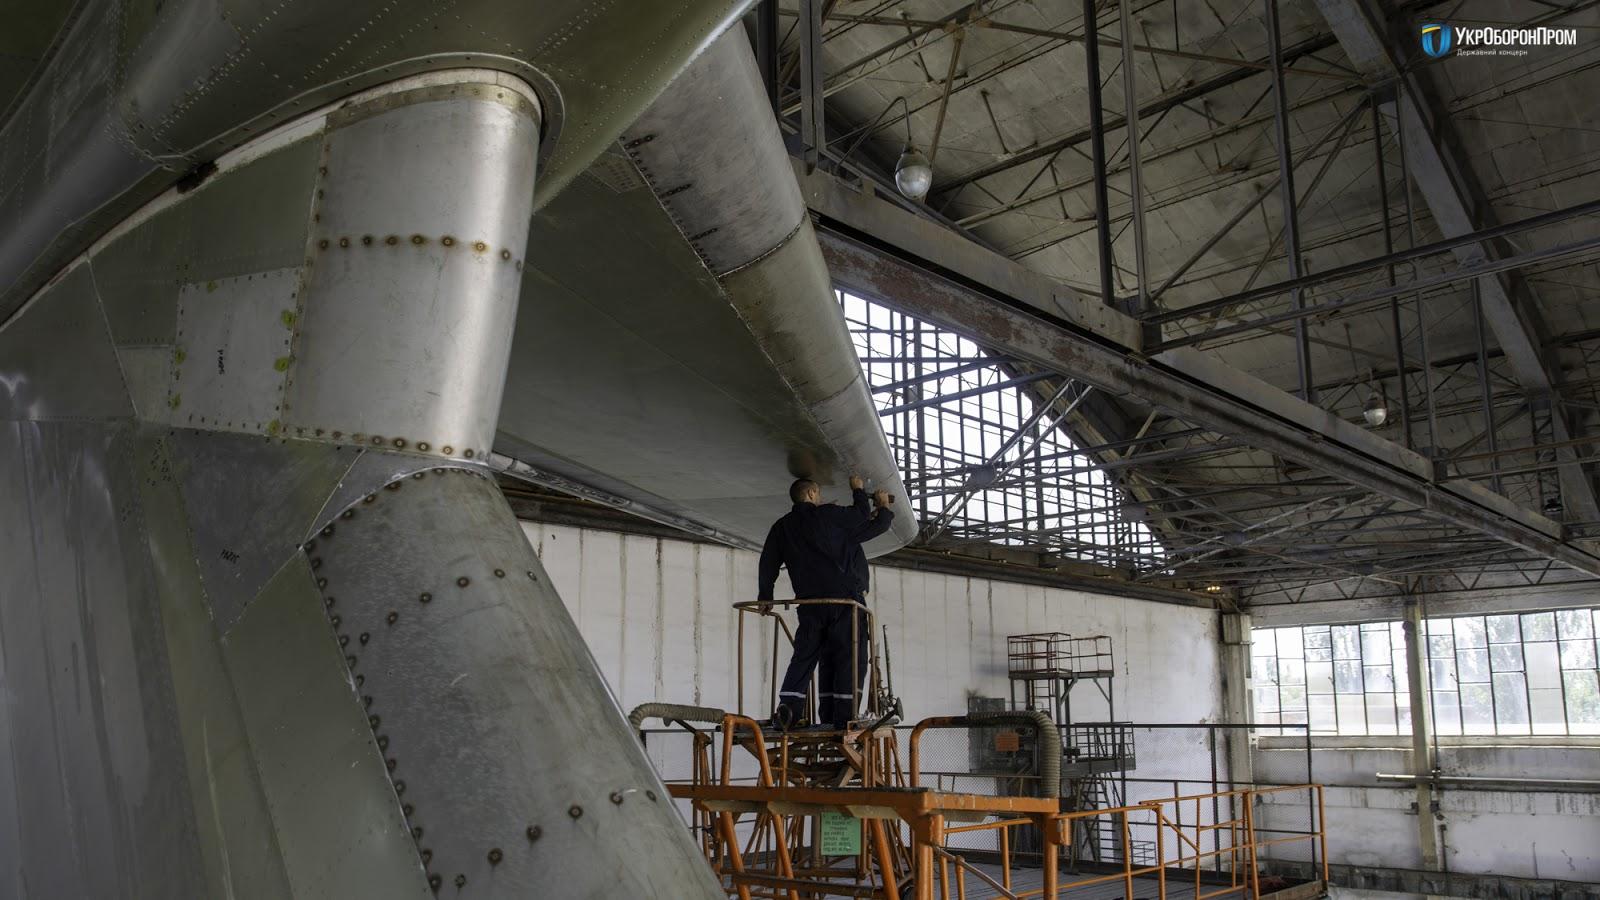 Ремонт Іл-76МД на Миколаївському авіазаводі (фоторепортаж)